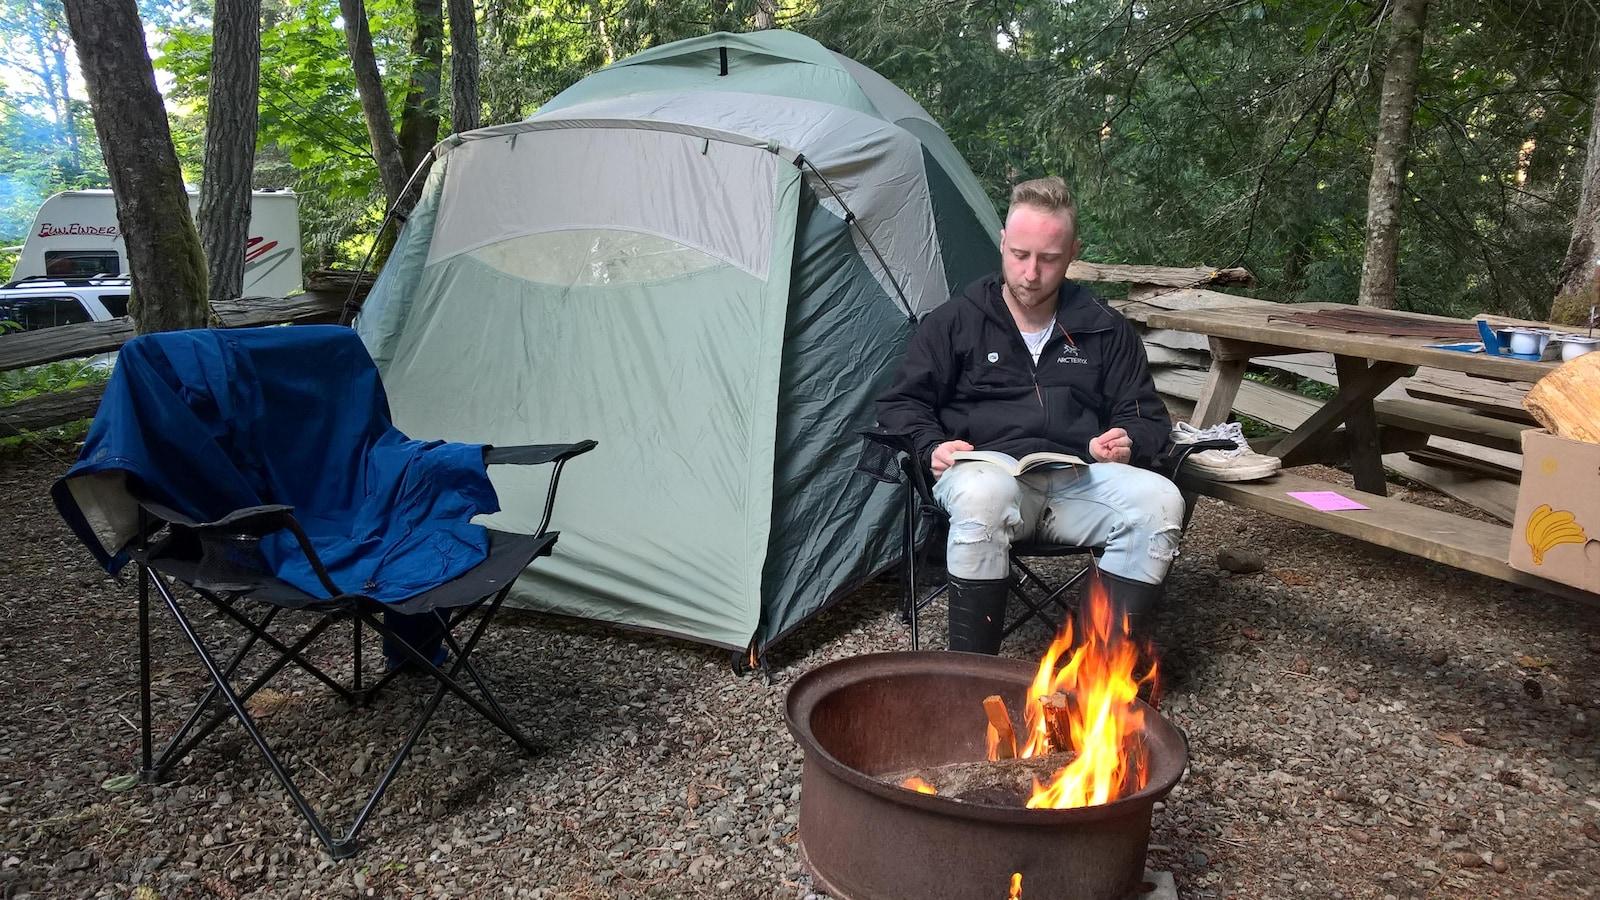 Un campeur sur l'île Salt Spring en Colombie-Britannique lit un livre entre sa tente et un feu de camp